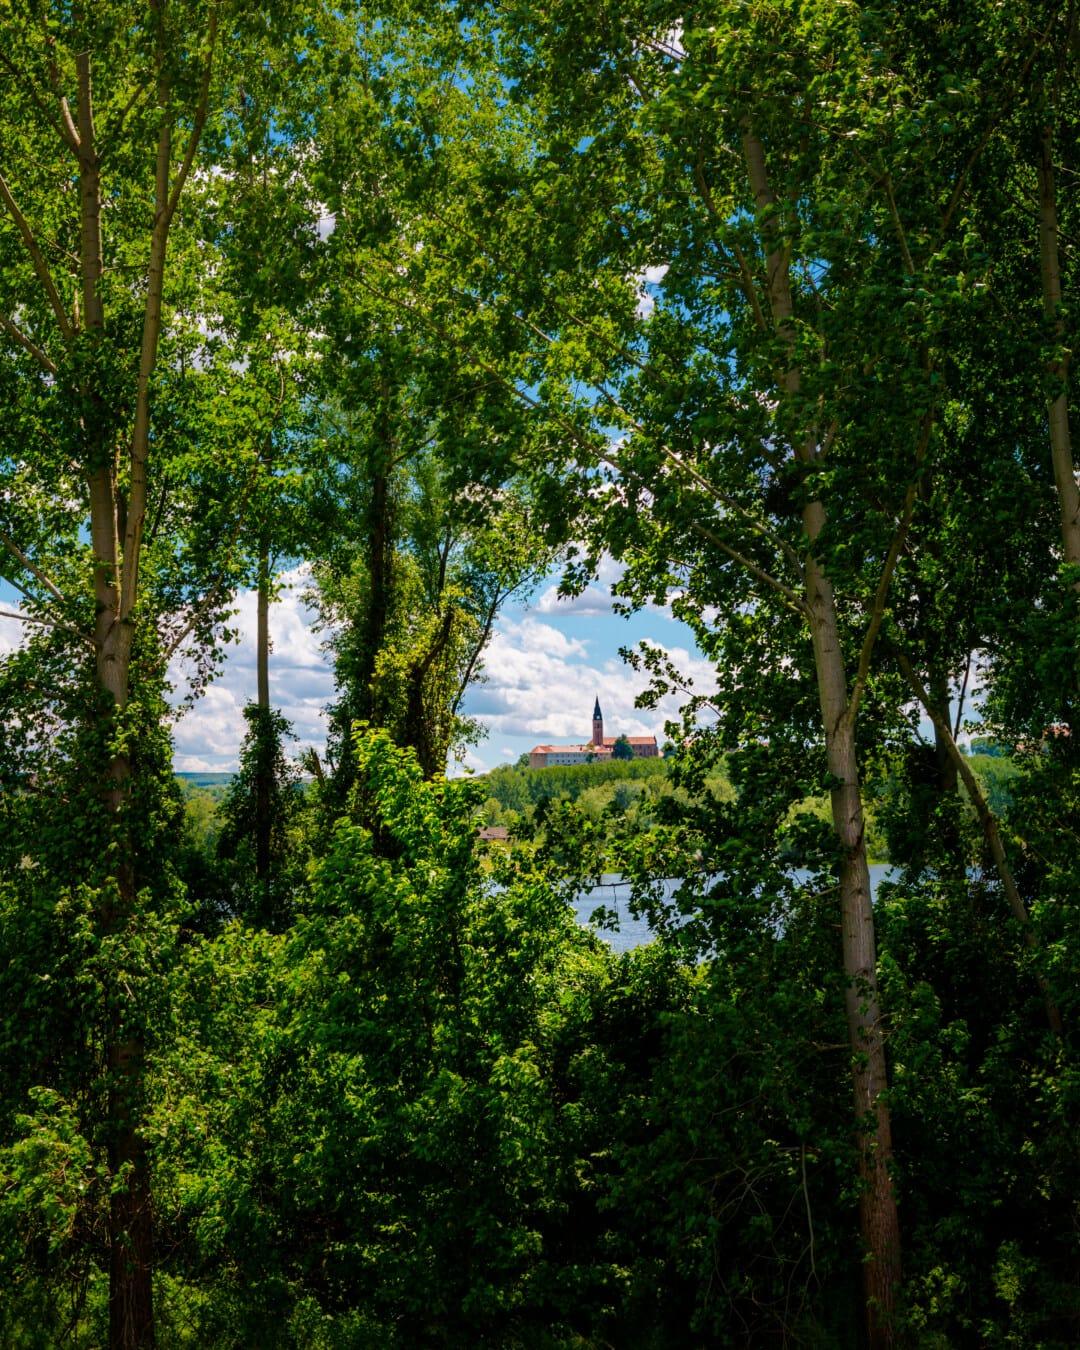 숲, 거리, 관점, 교회 탑, 나무, 트리, 풍경, 공장, 자연, 잎